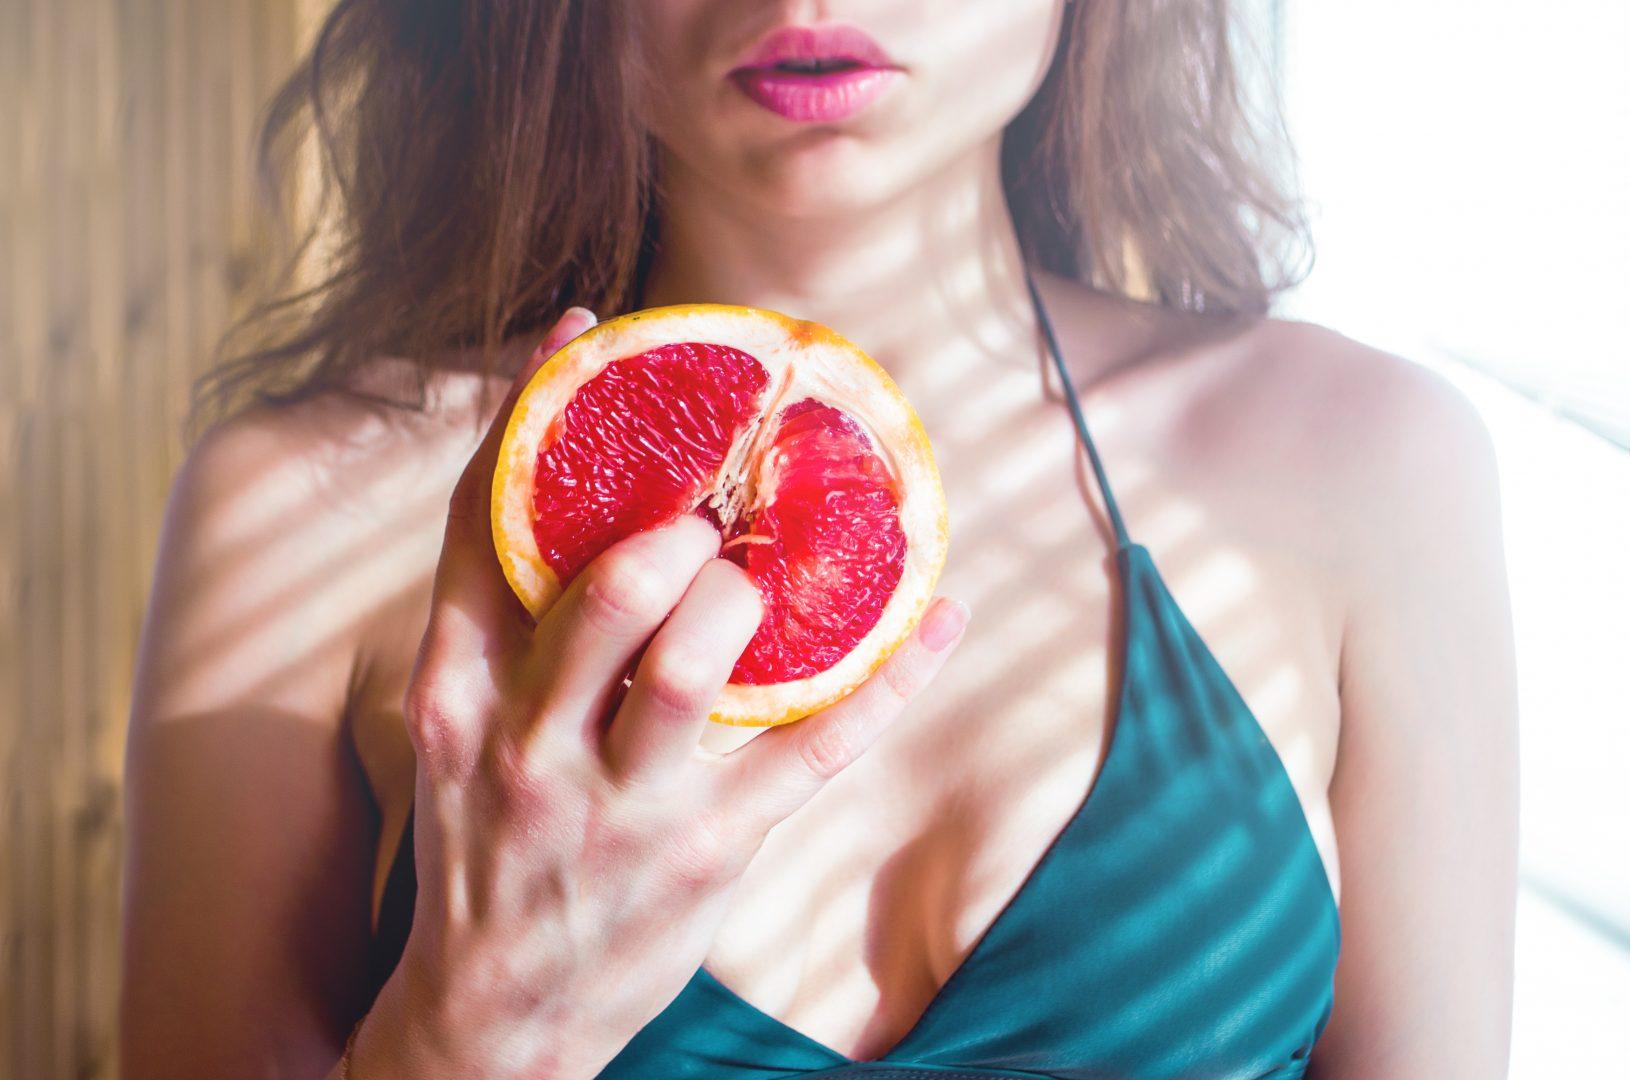 Oralsex - bilde av kvinne som stikker fingrene inn i en grapefrukt.